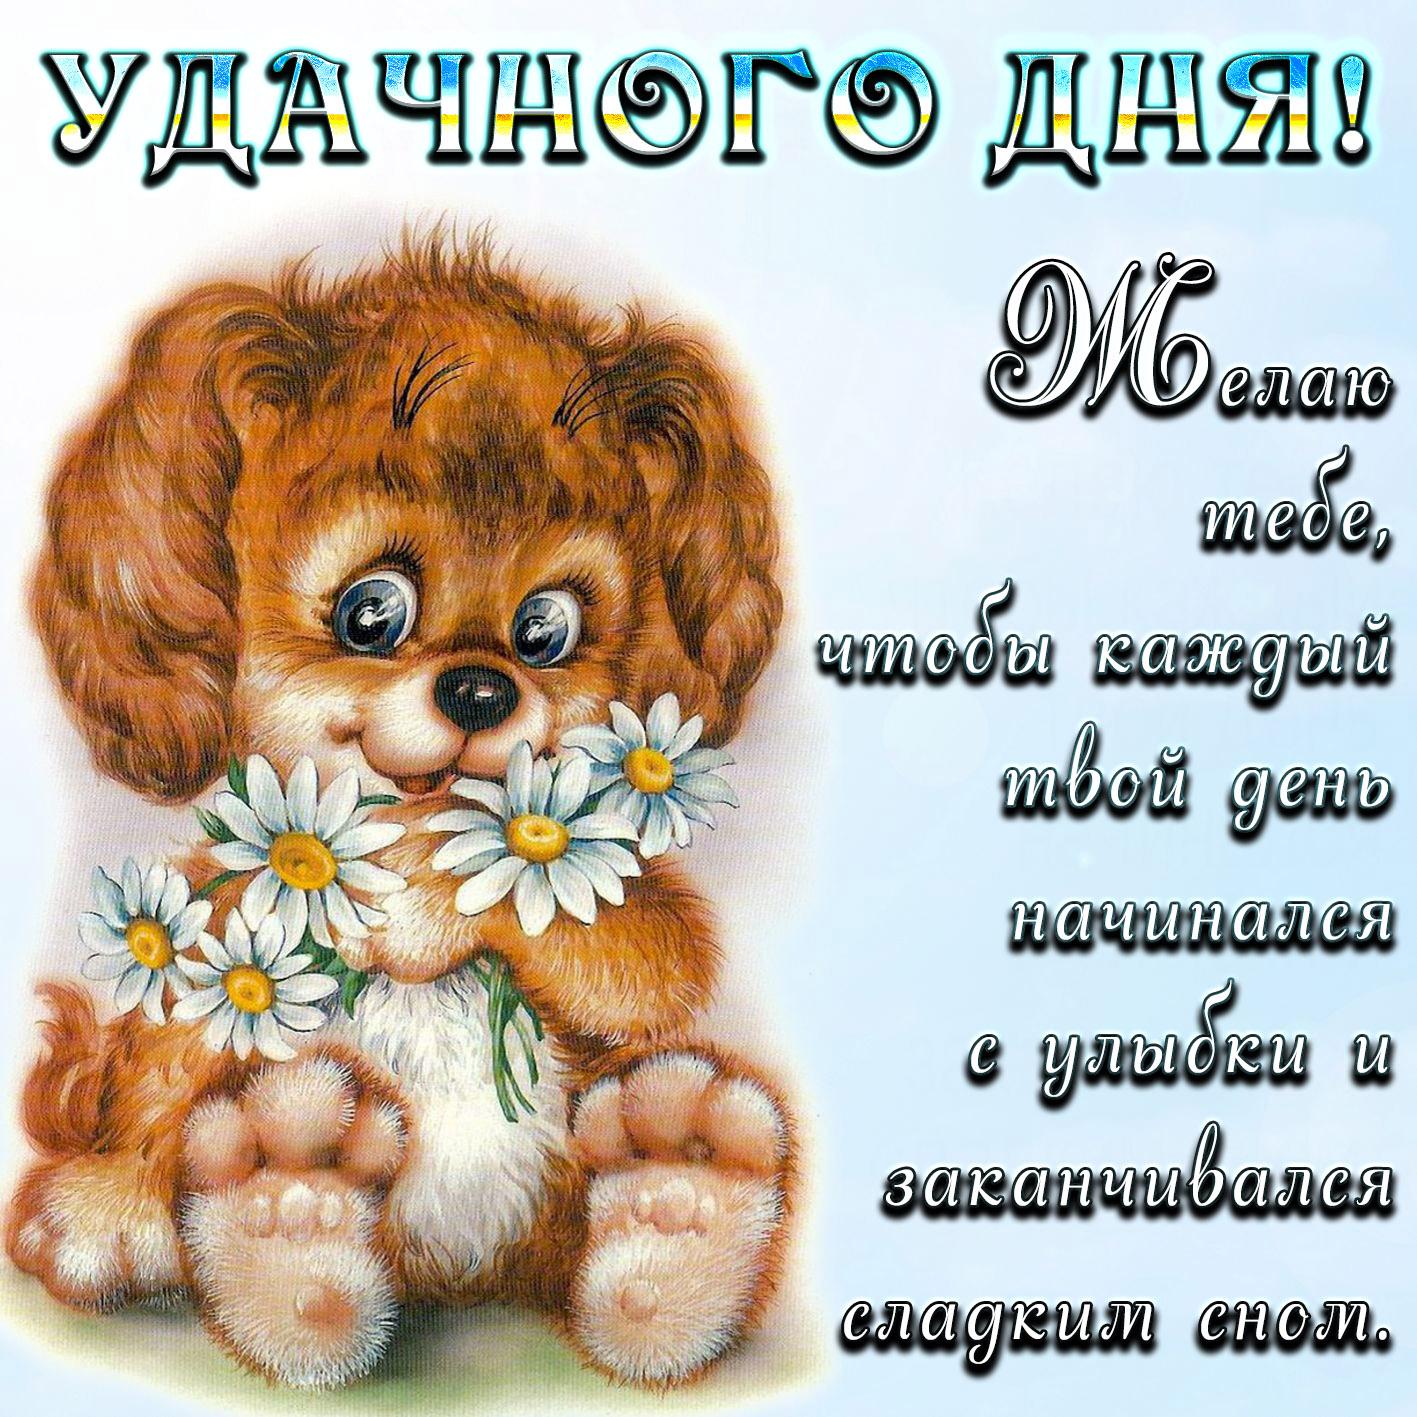 Открытка девушке удачи, открытка скрапбукинг открытка